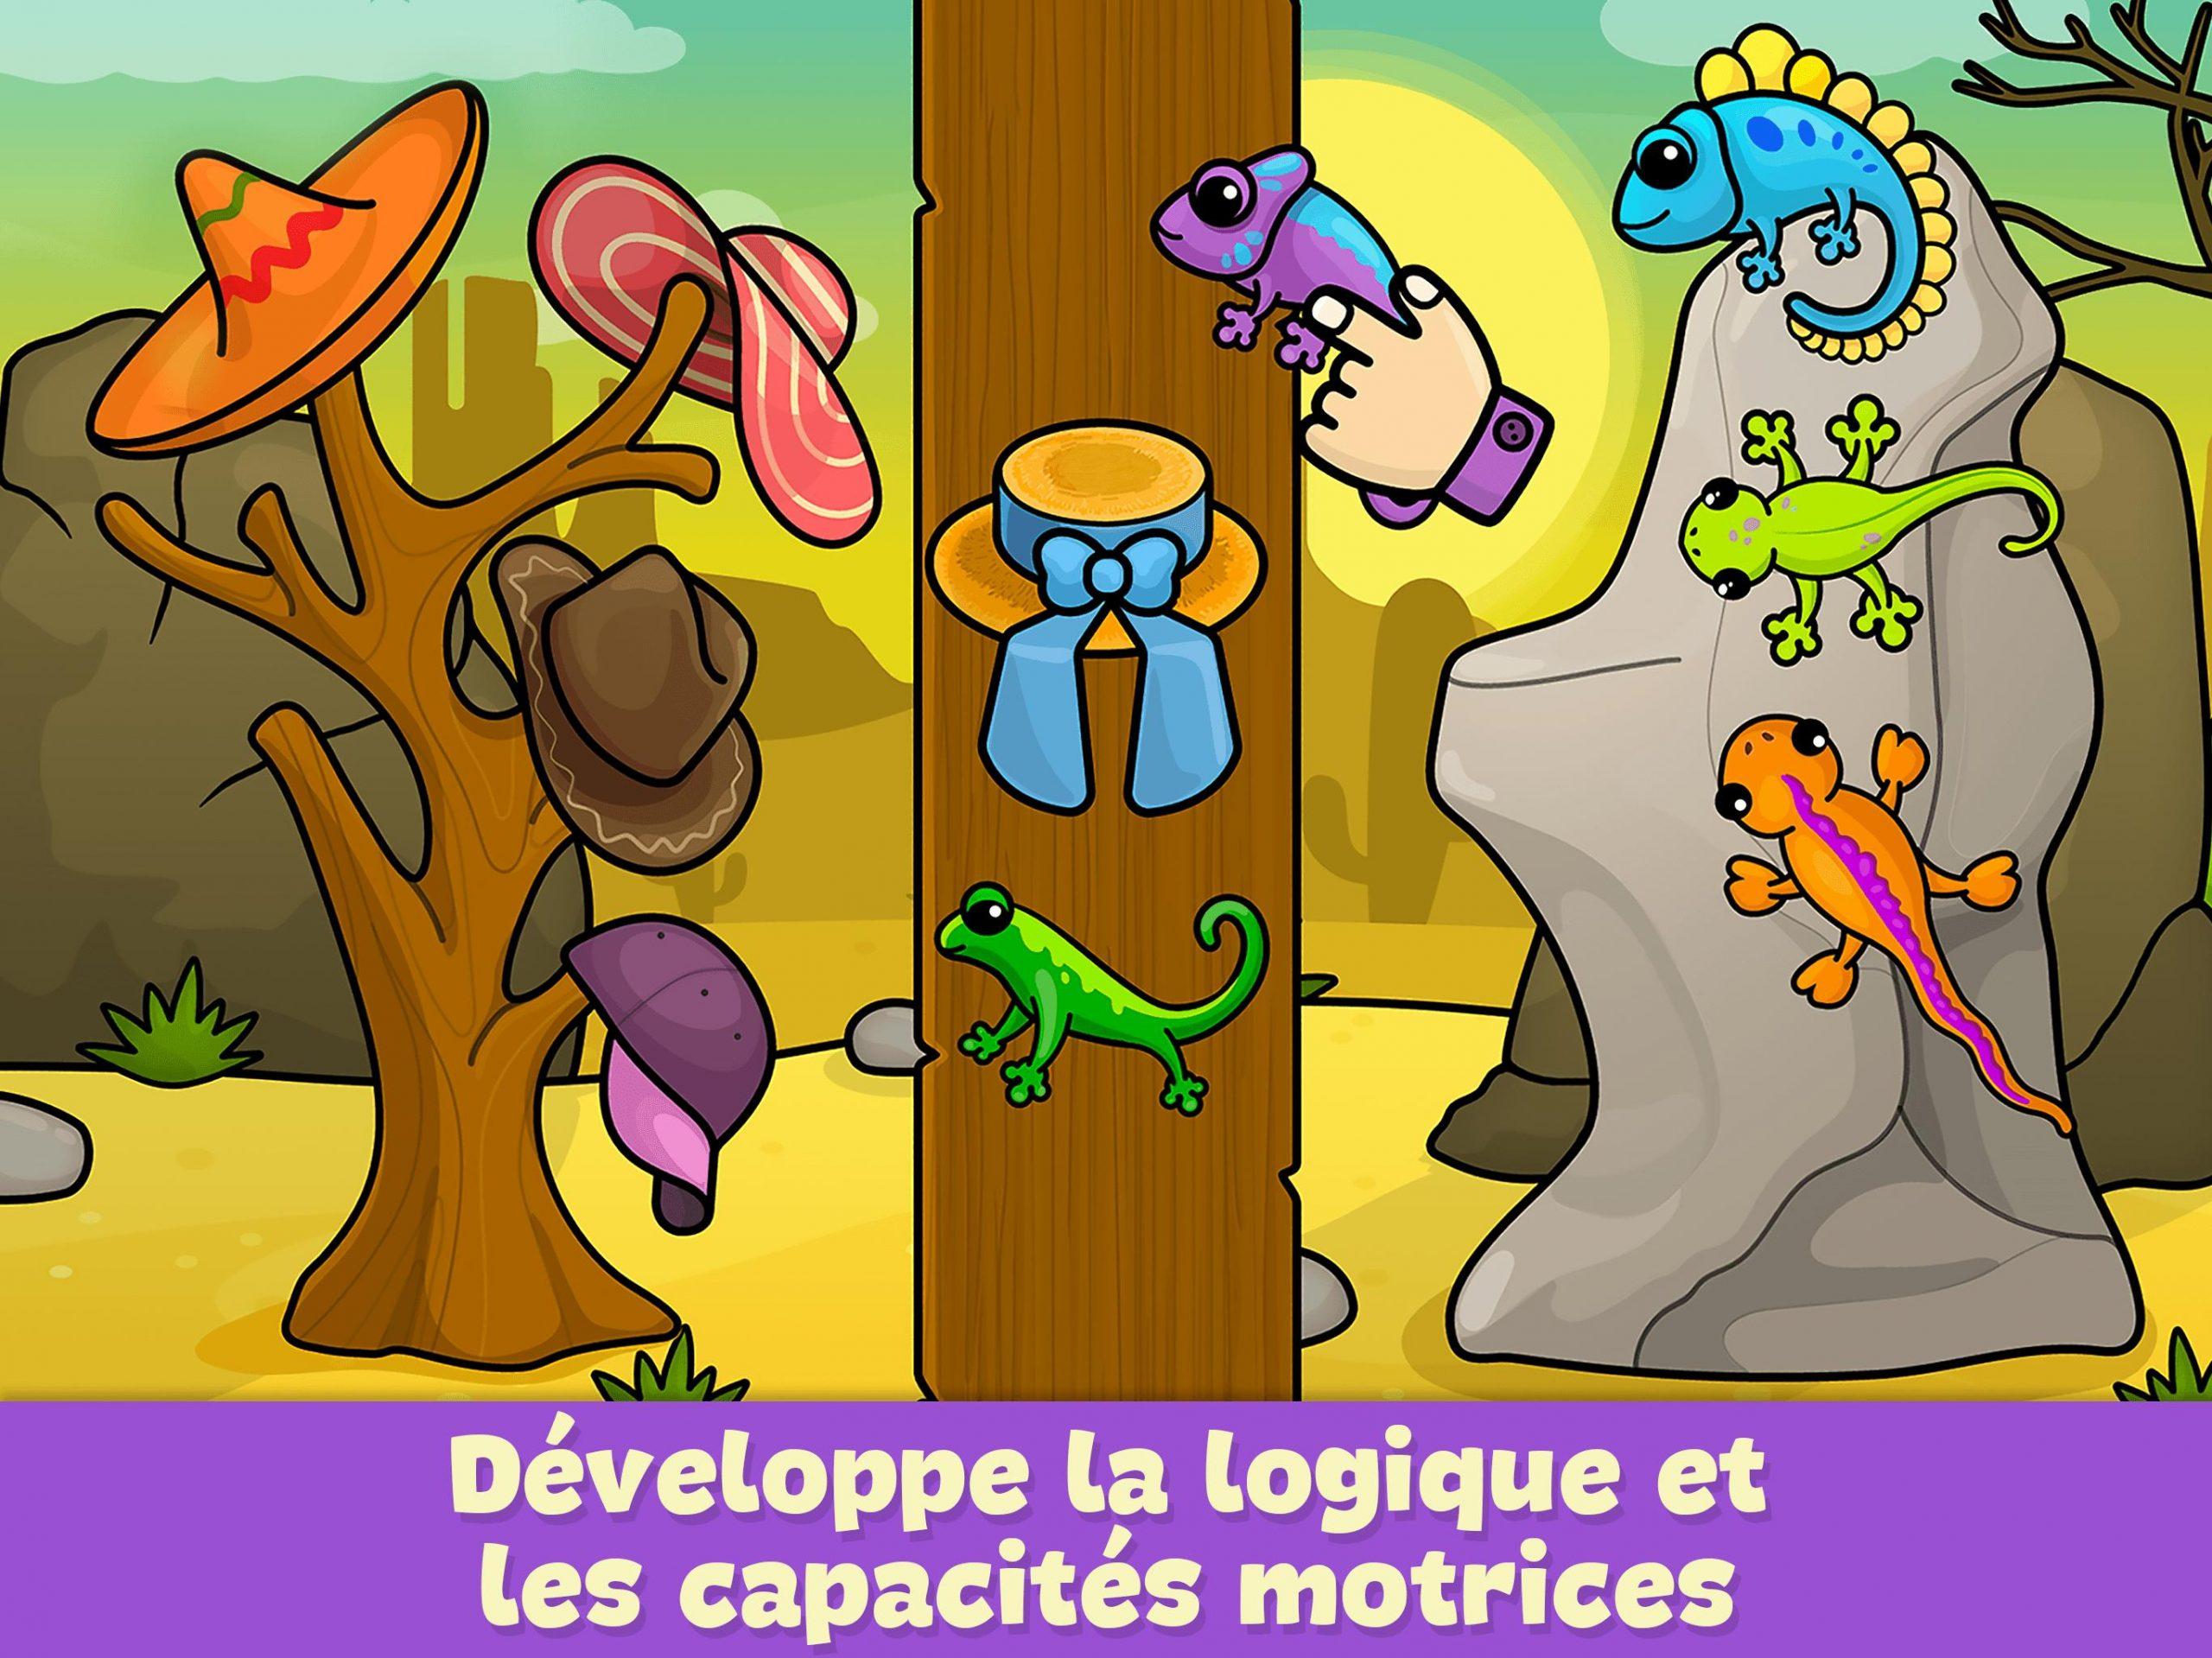 Jeux Pour Enfants 2 - 5 Ans Pour Android - Téléchargez L'apk pour Jeux De Garcon Gratuit 3 Ans